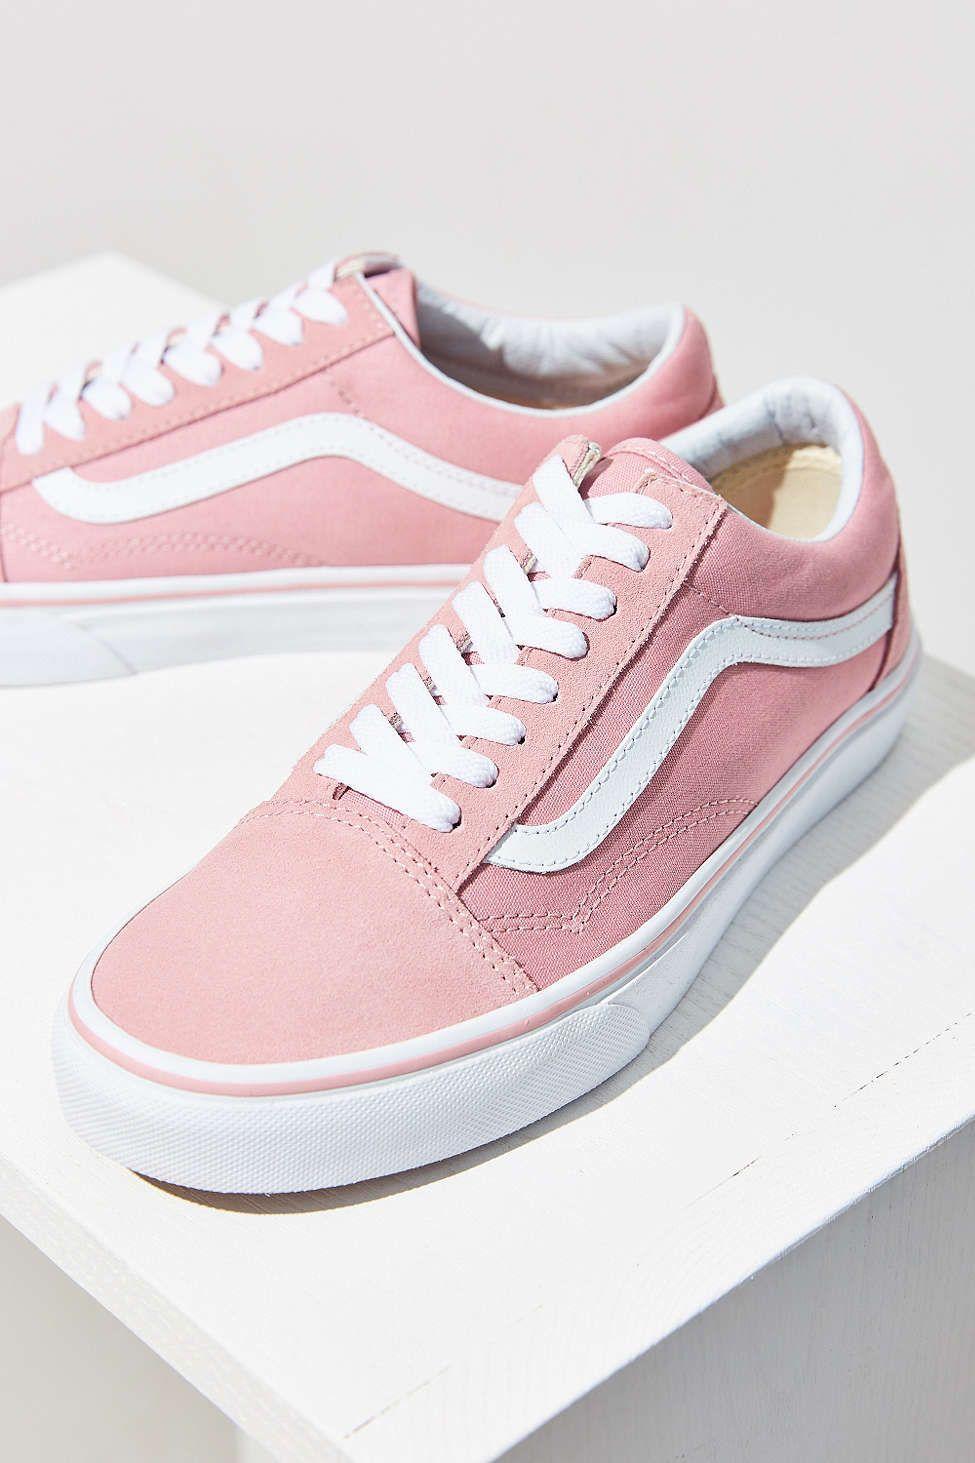 Vans Pink Old Skool Sneaker Pink Shoes Pink Sneakers Pink Vans